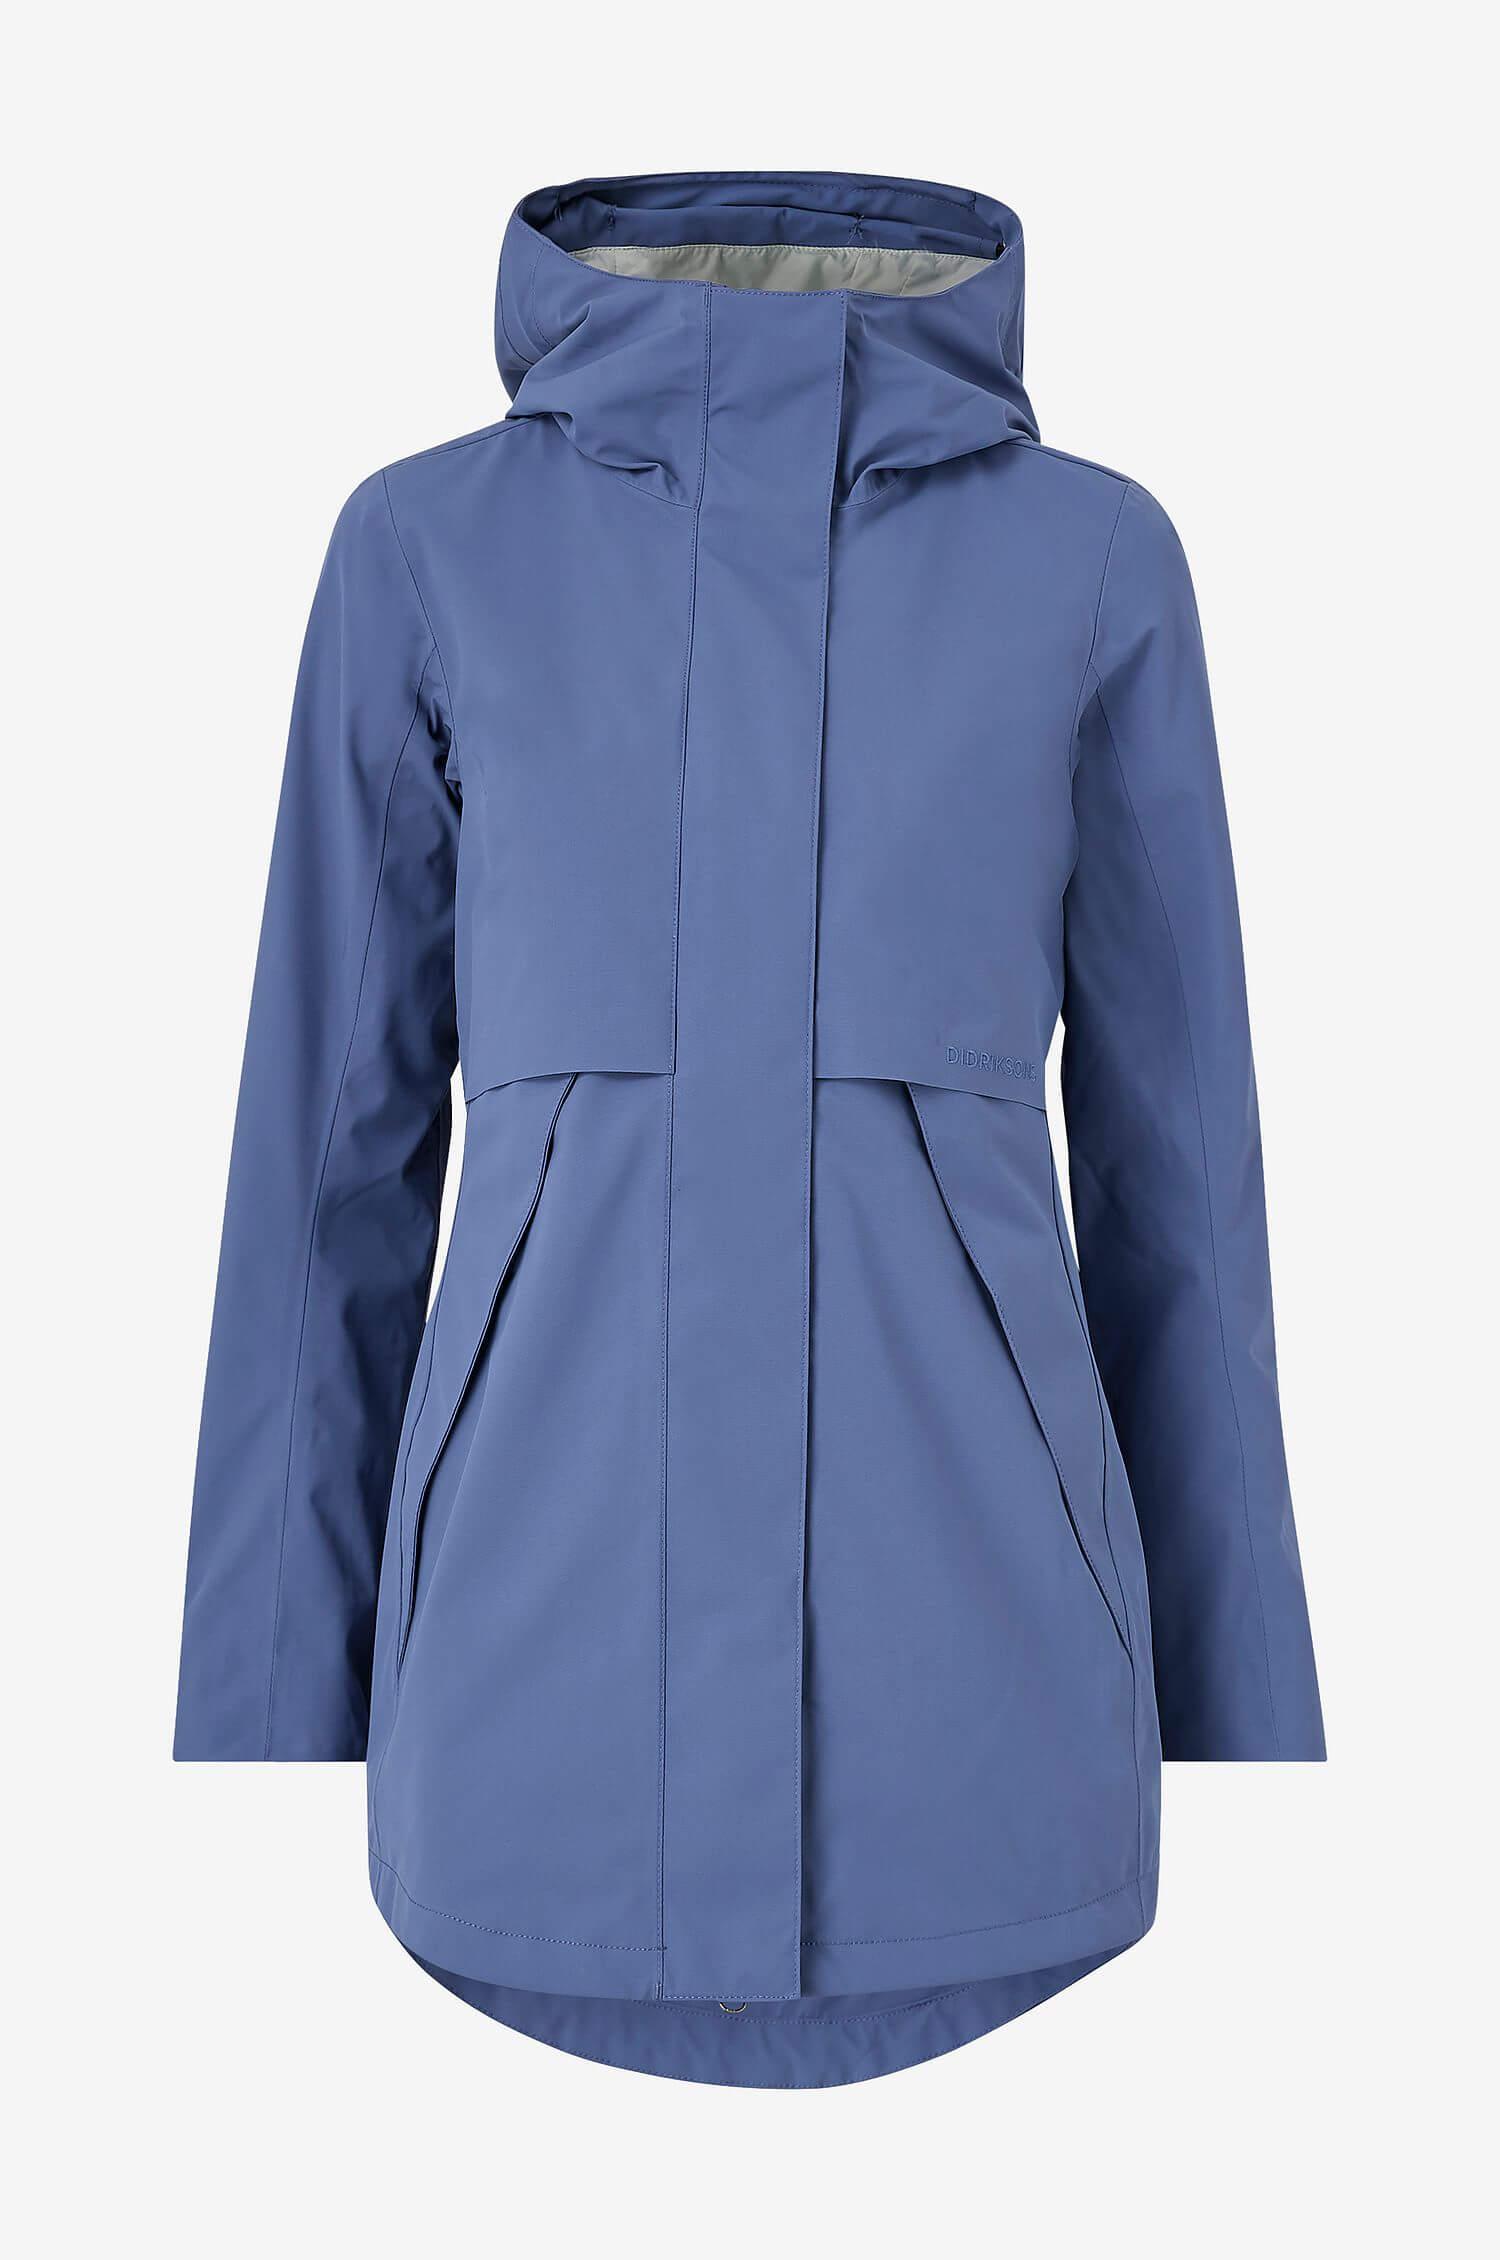 En blå regnparkas med fast huva från Didriksons.